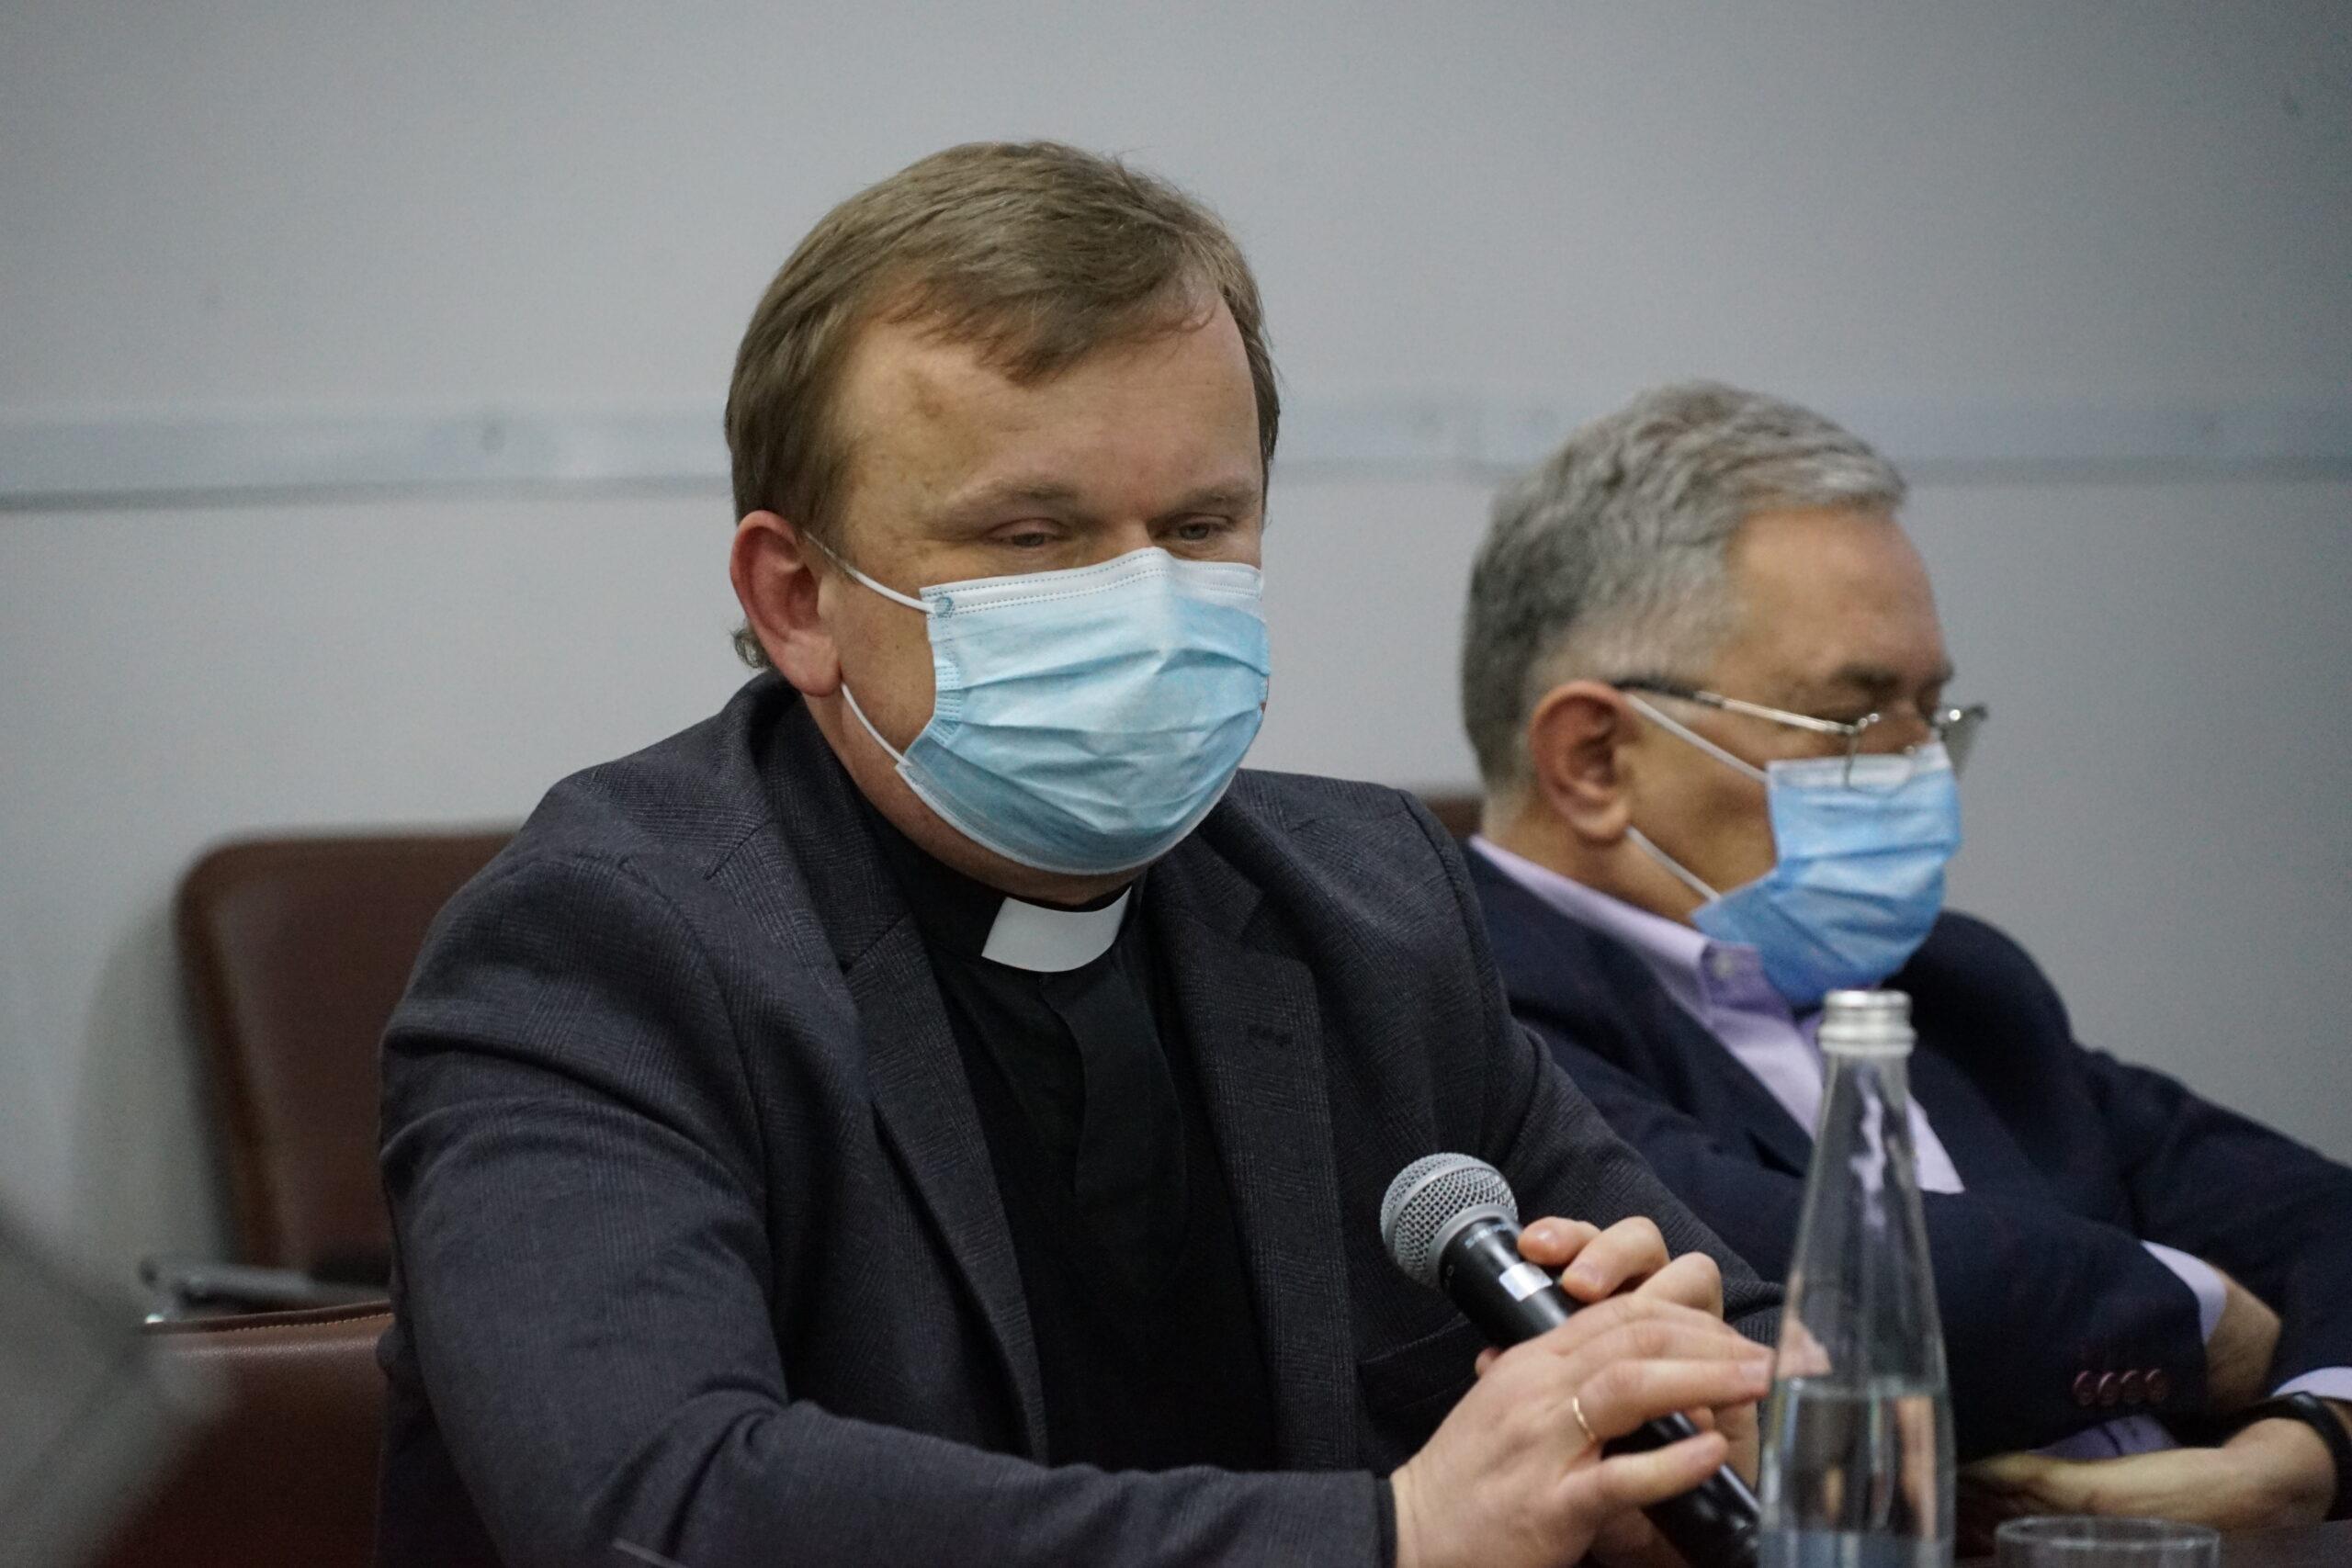 Перспективи розвитку медичного капеланства в Україні обговорили під час круглого столу у Львові_19